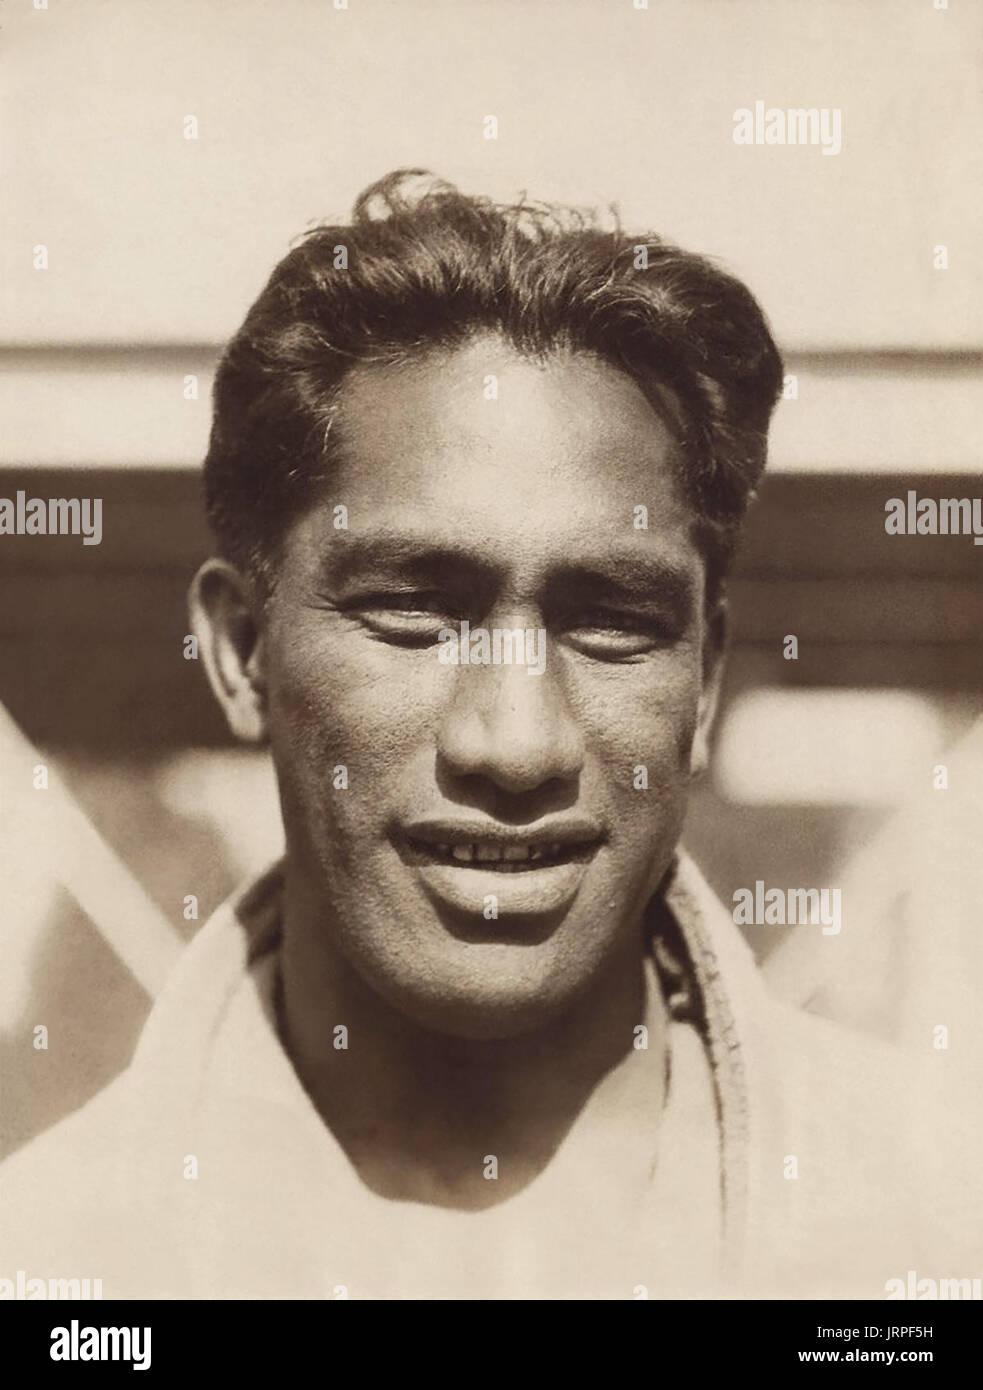 """Duke Paoa Kahanamoku (1890-1968), a menudo conocido simplemente como """"El Duque"""", era un nativo de lengendary surfista hawaiano, considerado como el padre del surfing moderno. También fue cinco veces medallista olímpica en natación que compitieron en el 1912, 1920 y 1924 Juegos Olímpicos de verano, así como un suplente para los EE.UU. el equipo de waterpolo en los Juegos Olímpicos de 1932. Kahanamoku es incluido en el Salón de la Fama de la natación, el surfing Hall of Fame, y el Salón de la Fama olímpico estadounidense. (Foto c1924) Foto de stock"""